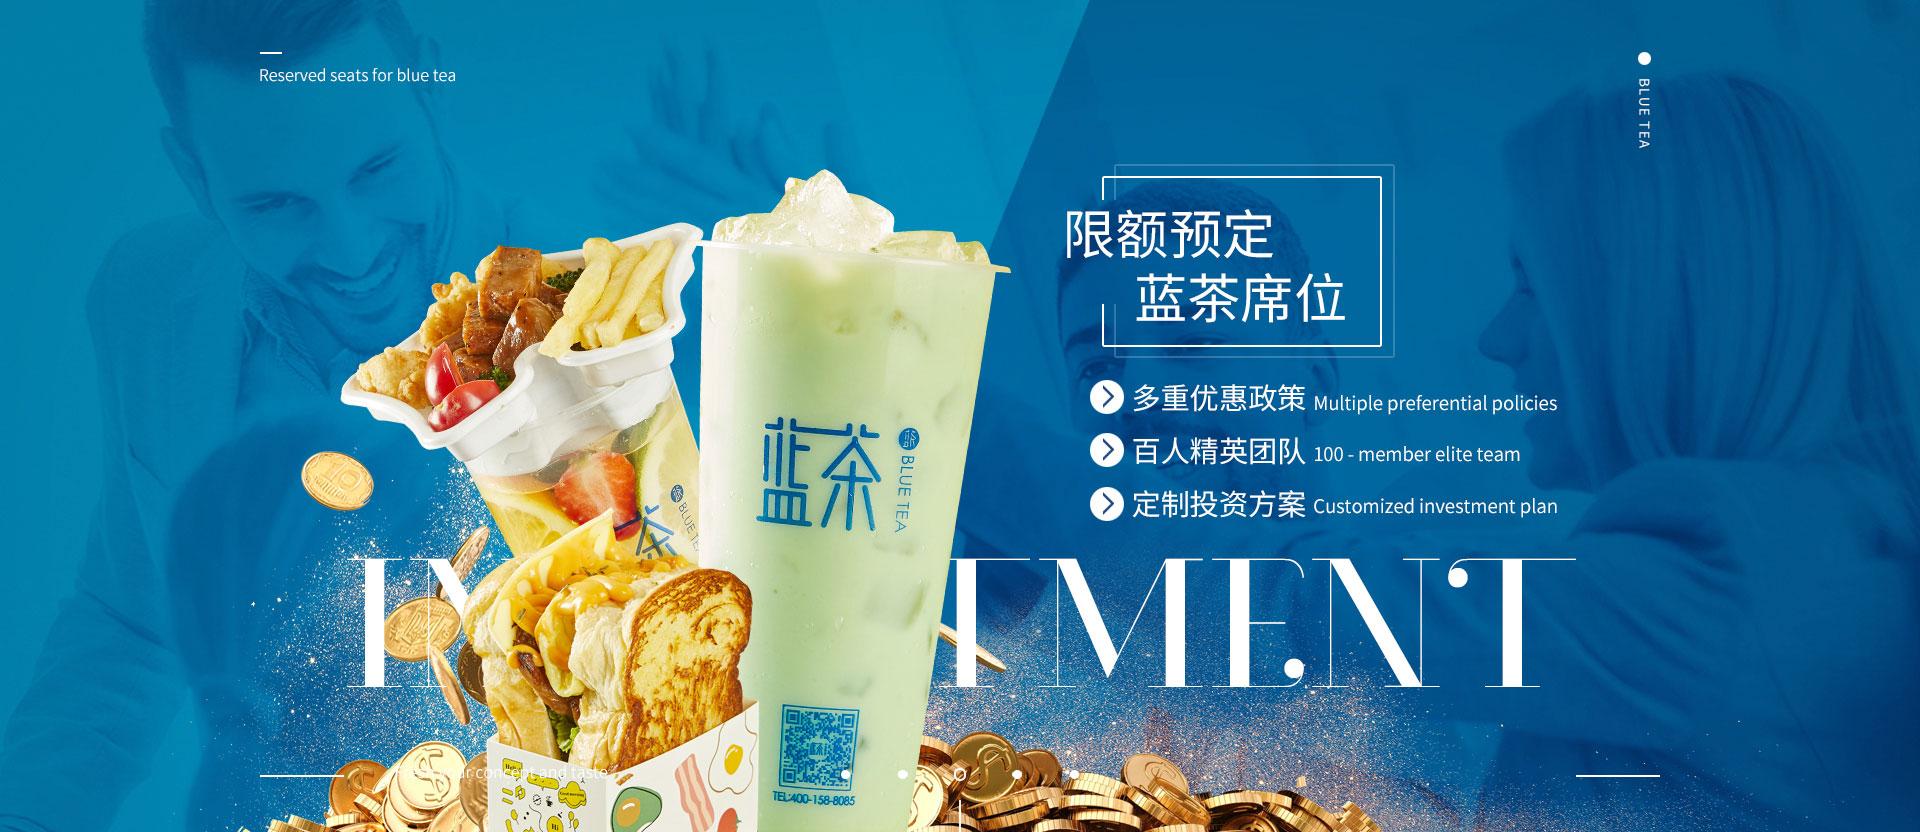 蓝茶创业项目加盟优惠_昌启餐饮奶茶加盟